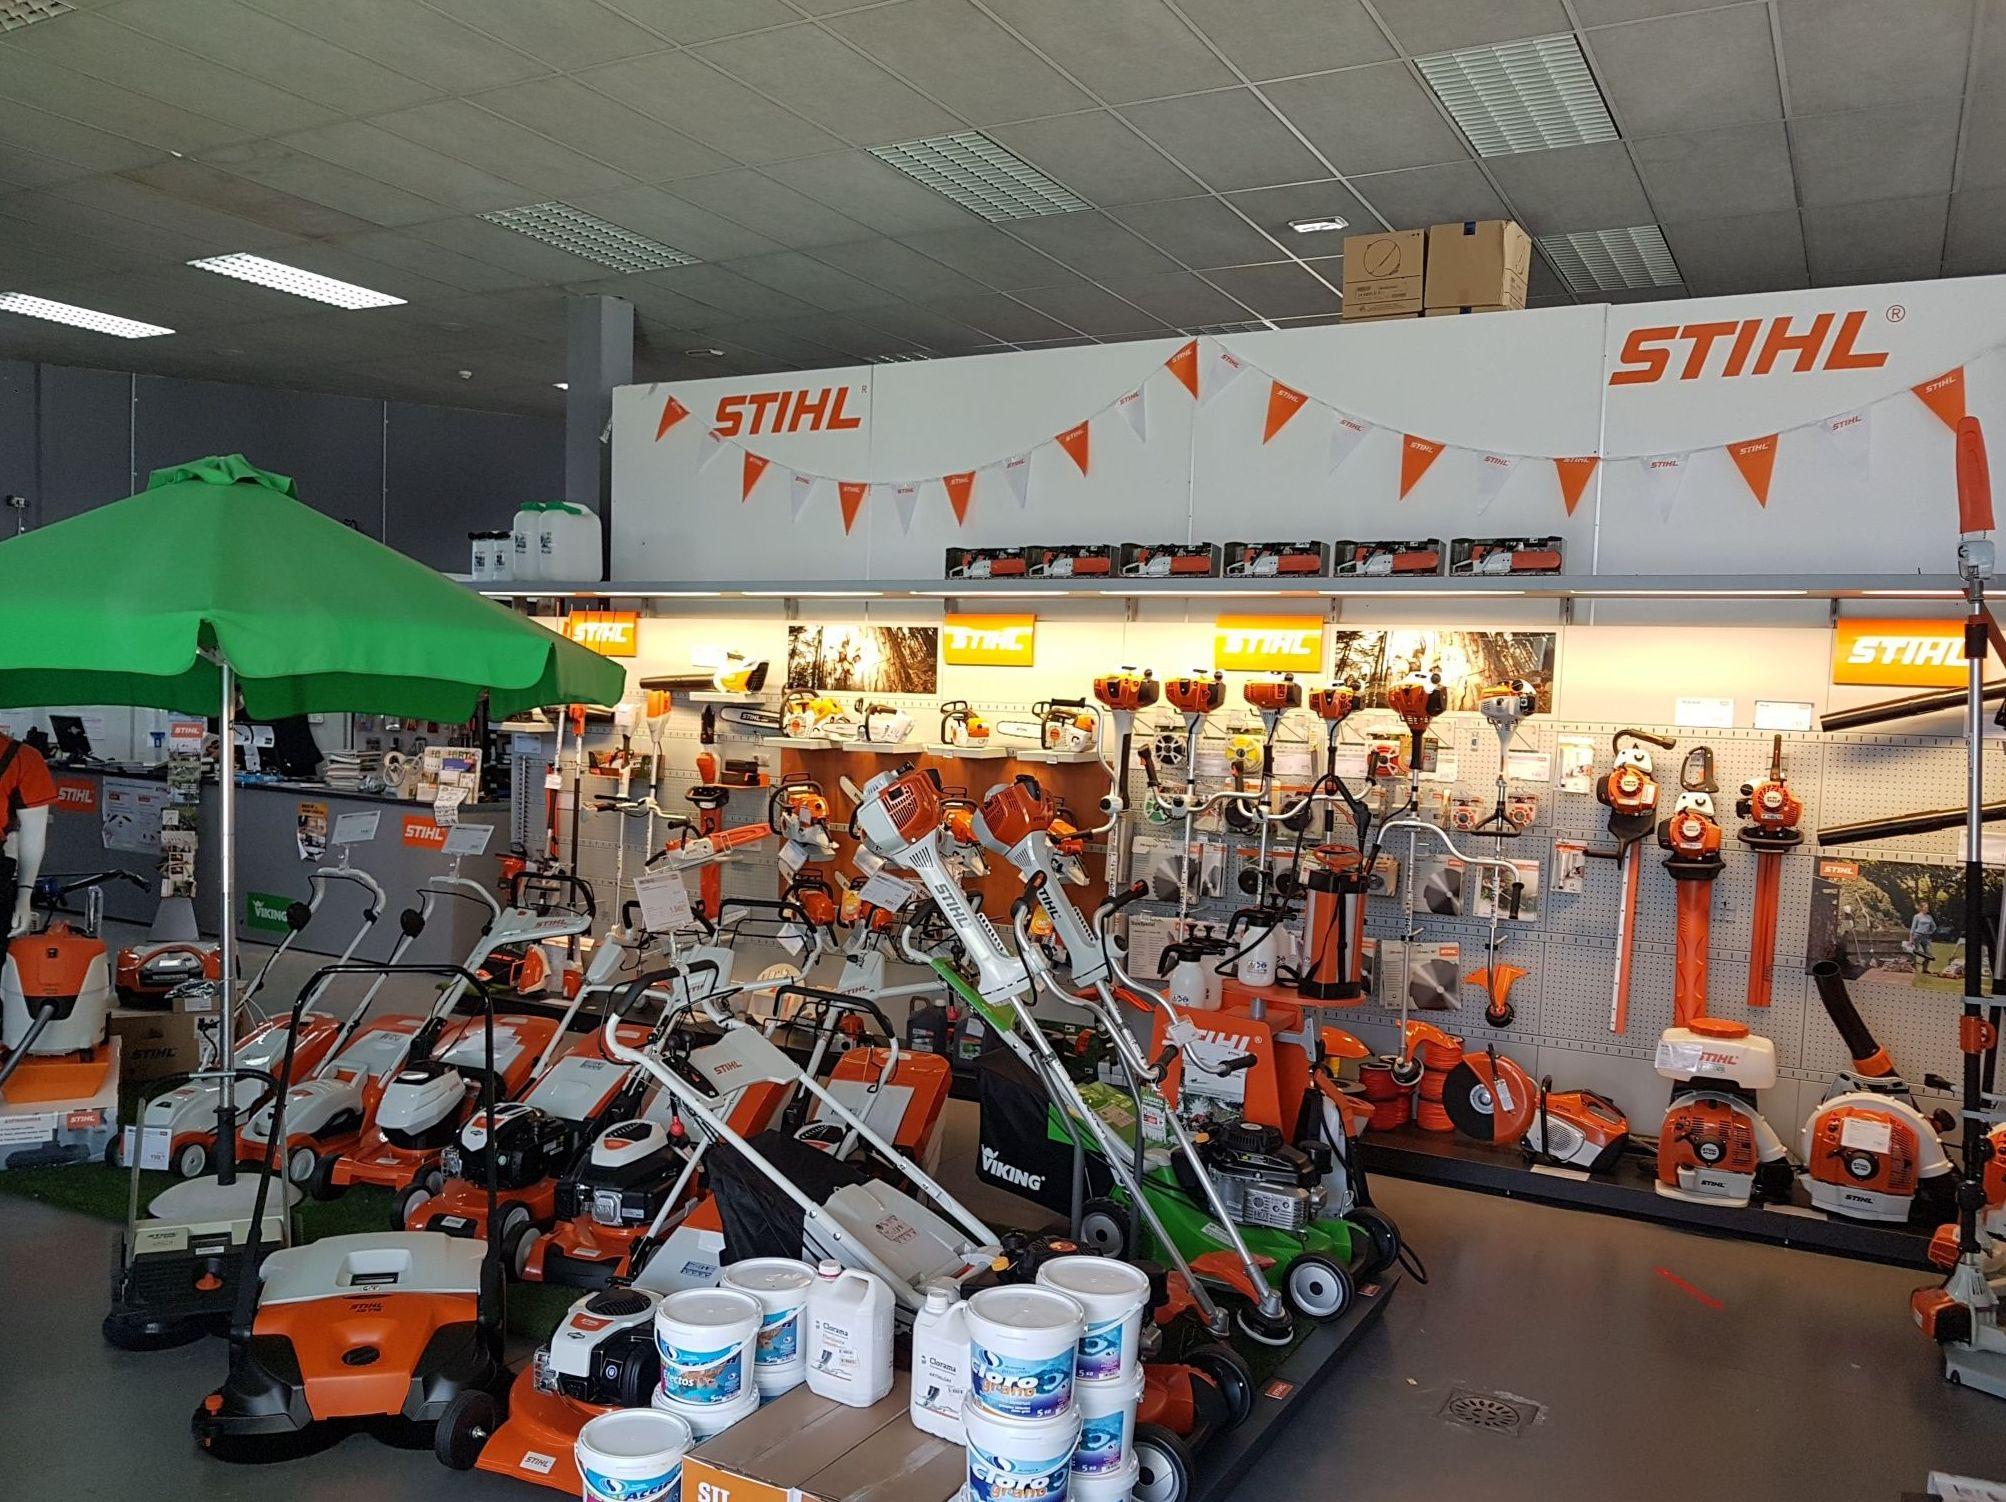 Todo tipo de productos Stihl en Jerez de la Frontera